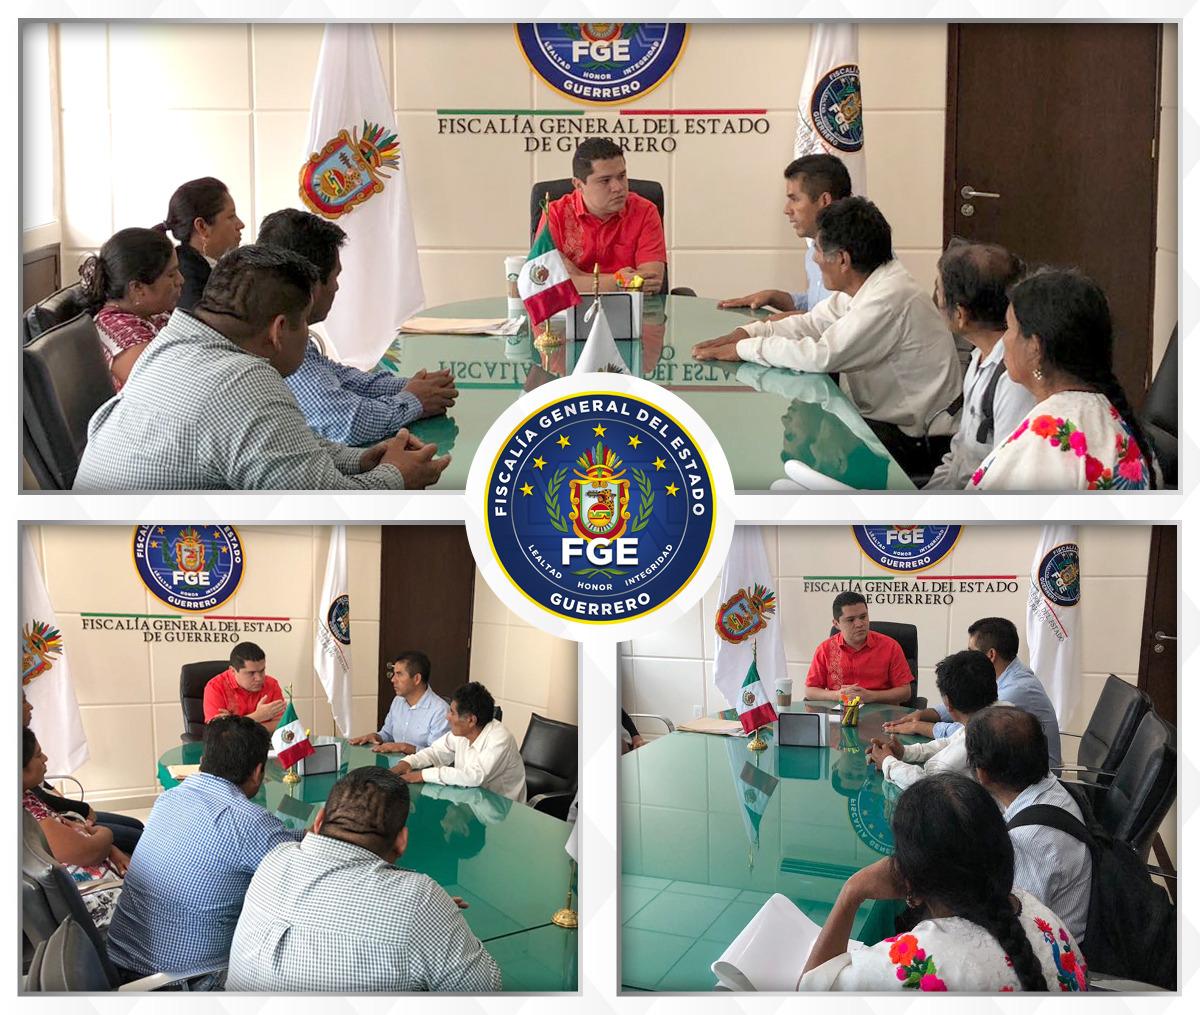 Fiscal de Guerrero aprovecha caso de alcalde levantado para promoción 1